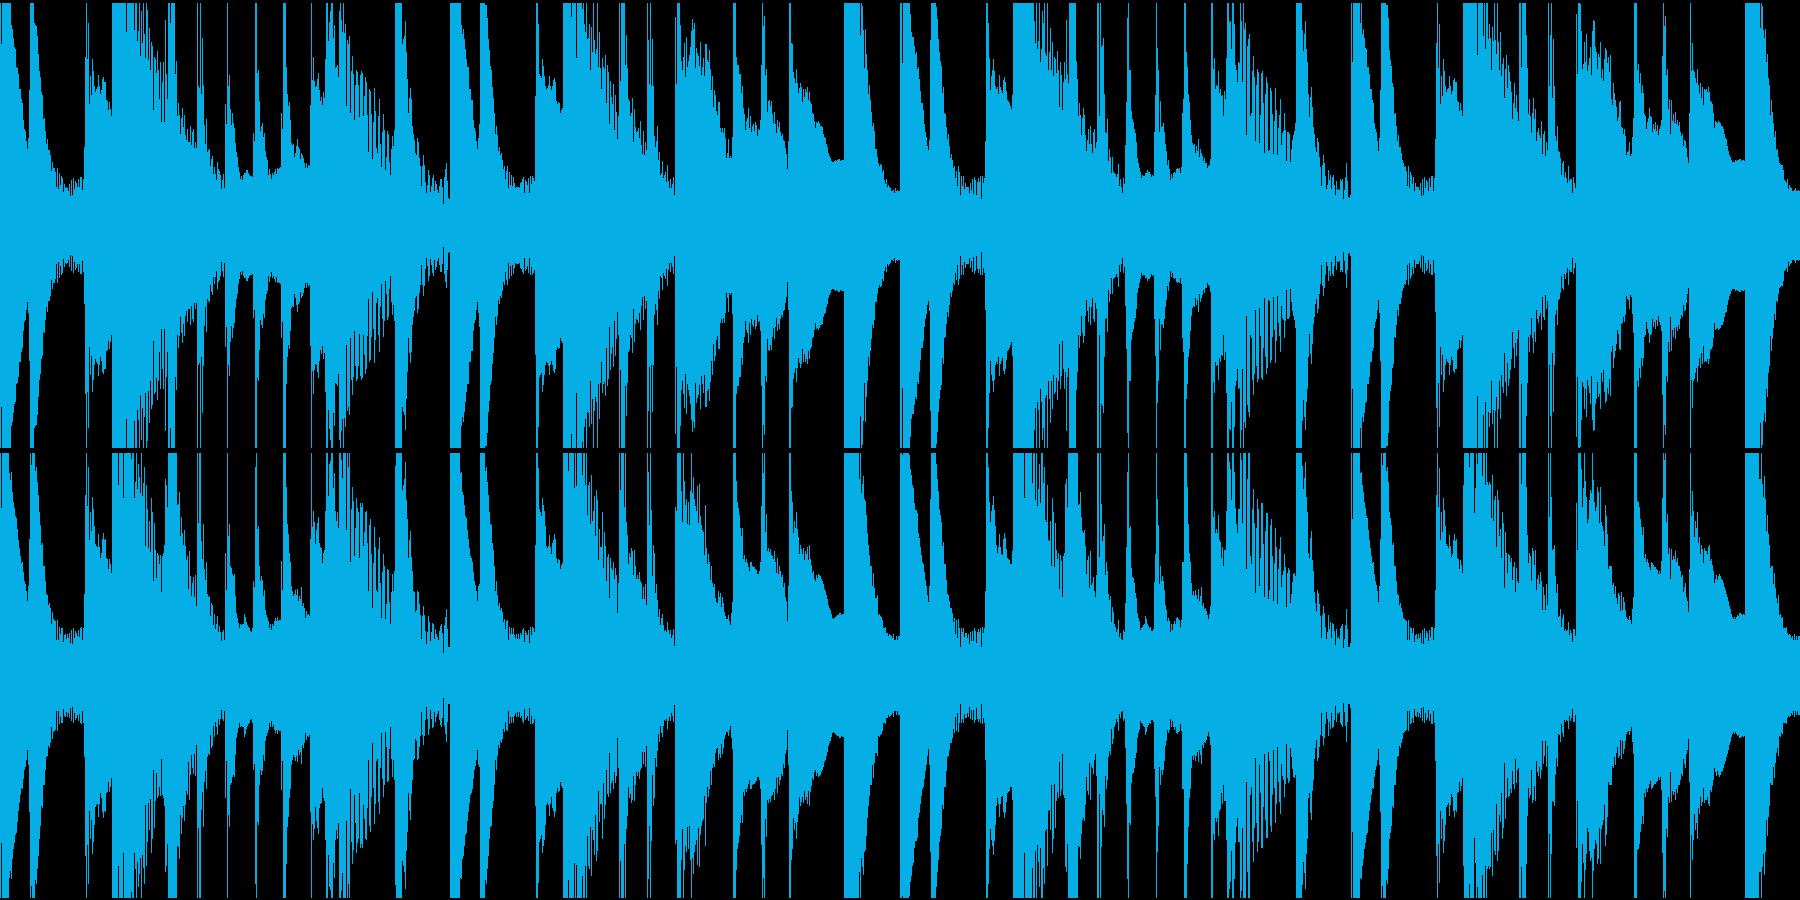 ほのぼのした日常BGMの再生済みの波形